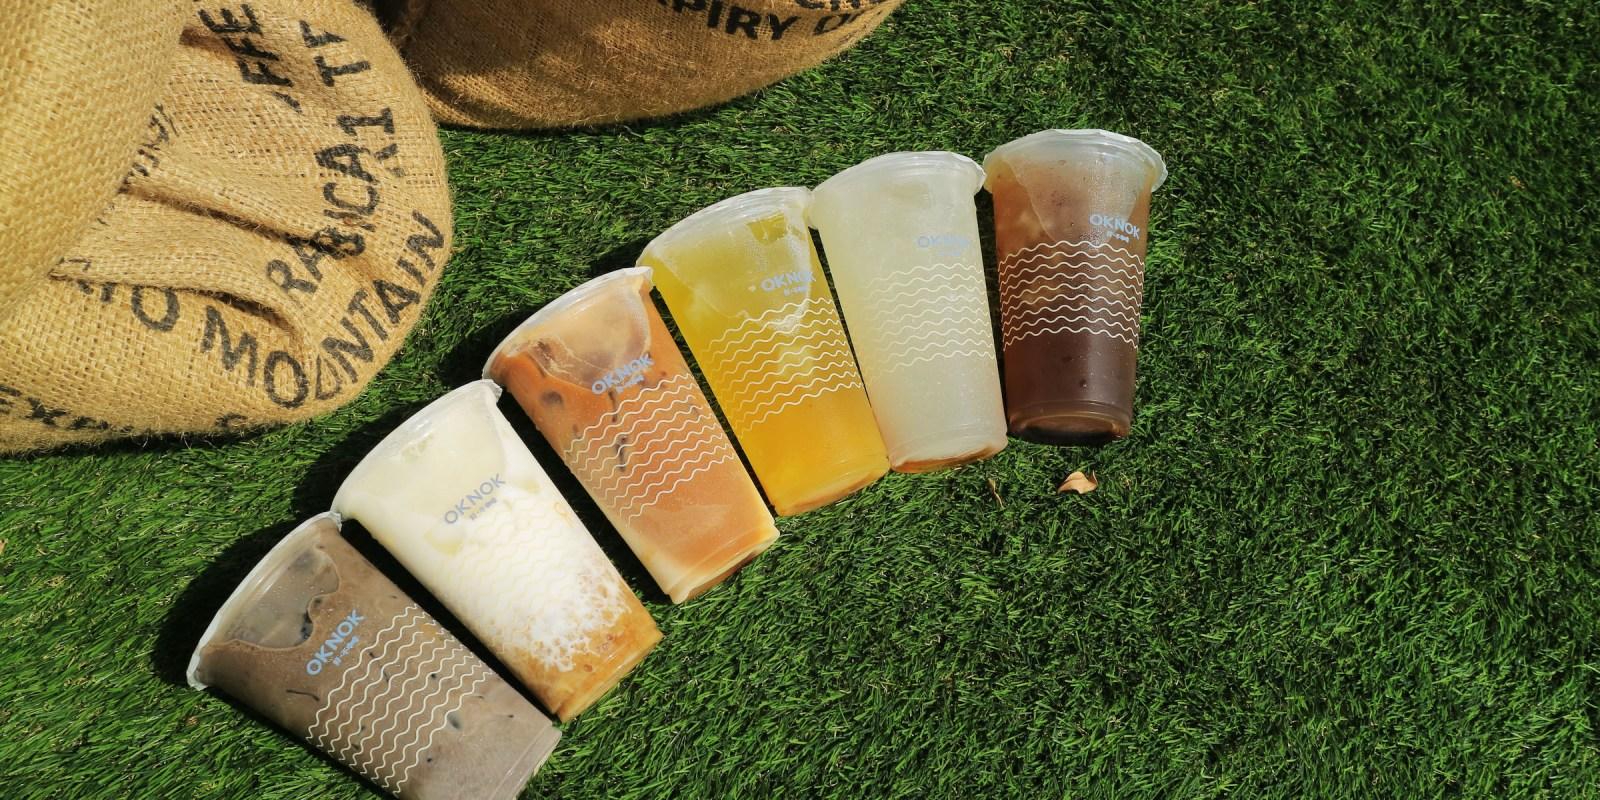 高雄文青外帶咖啡店「好不咖啡」台南插旗,咖啡、飲料一杯就外送!